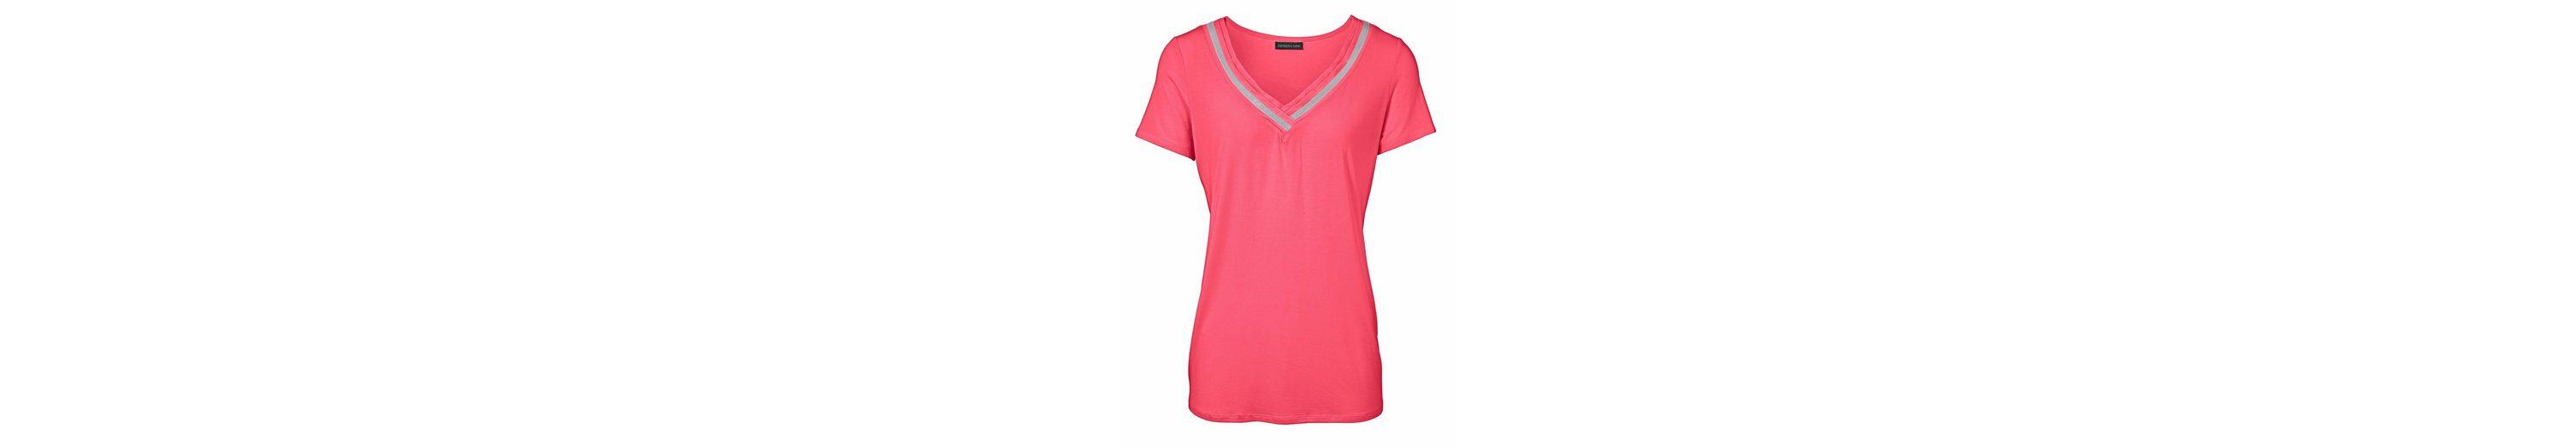 PATRIZIA DINI by Heine V-Shirt mit Applikationen Billig Verkauf Neueste Billig Verkauf 100% Original Erstaunlicher Preis Zu Verkaufen GcRQKvgGw7